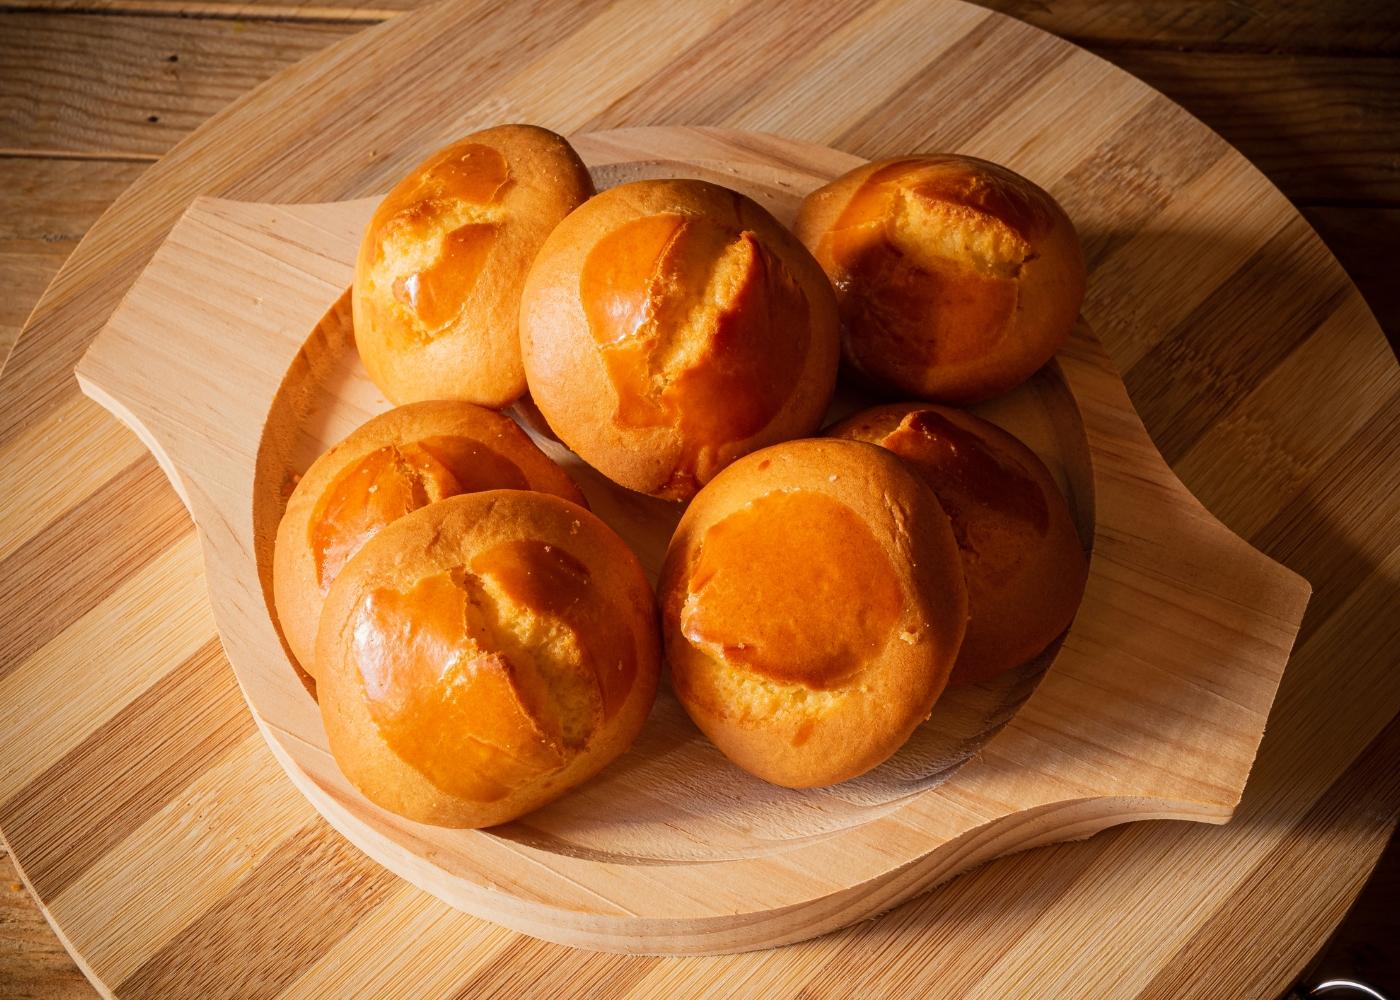 receitas de biscoitos de azeite com laranja, água e mel